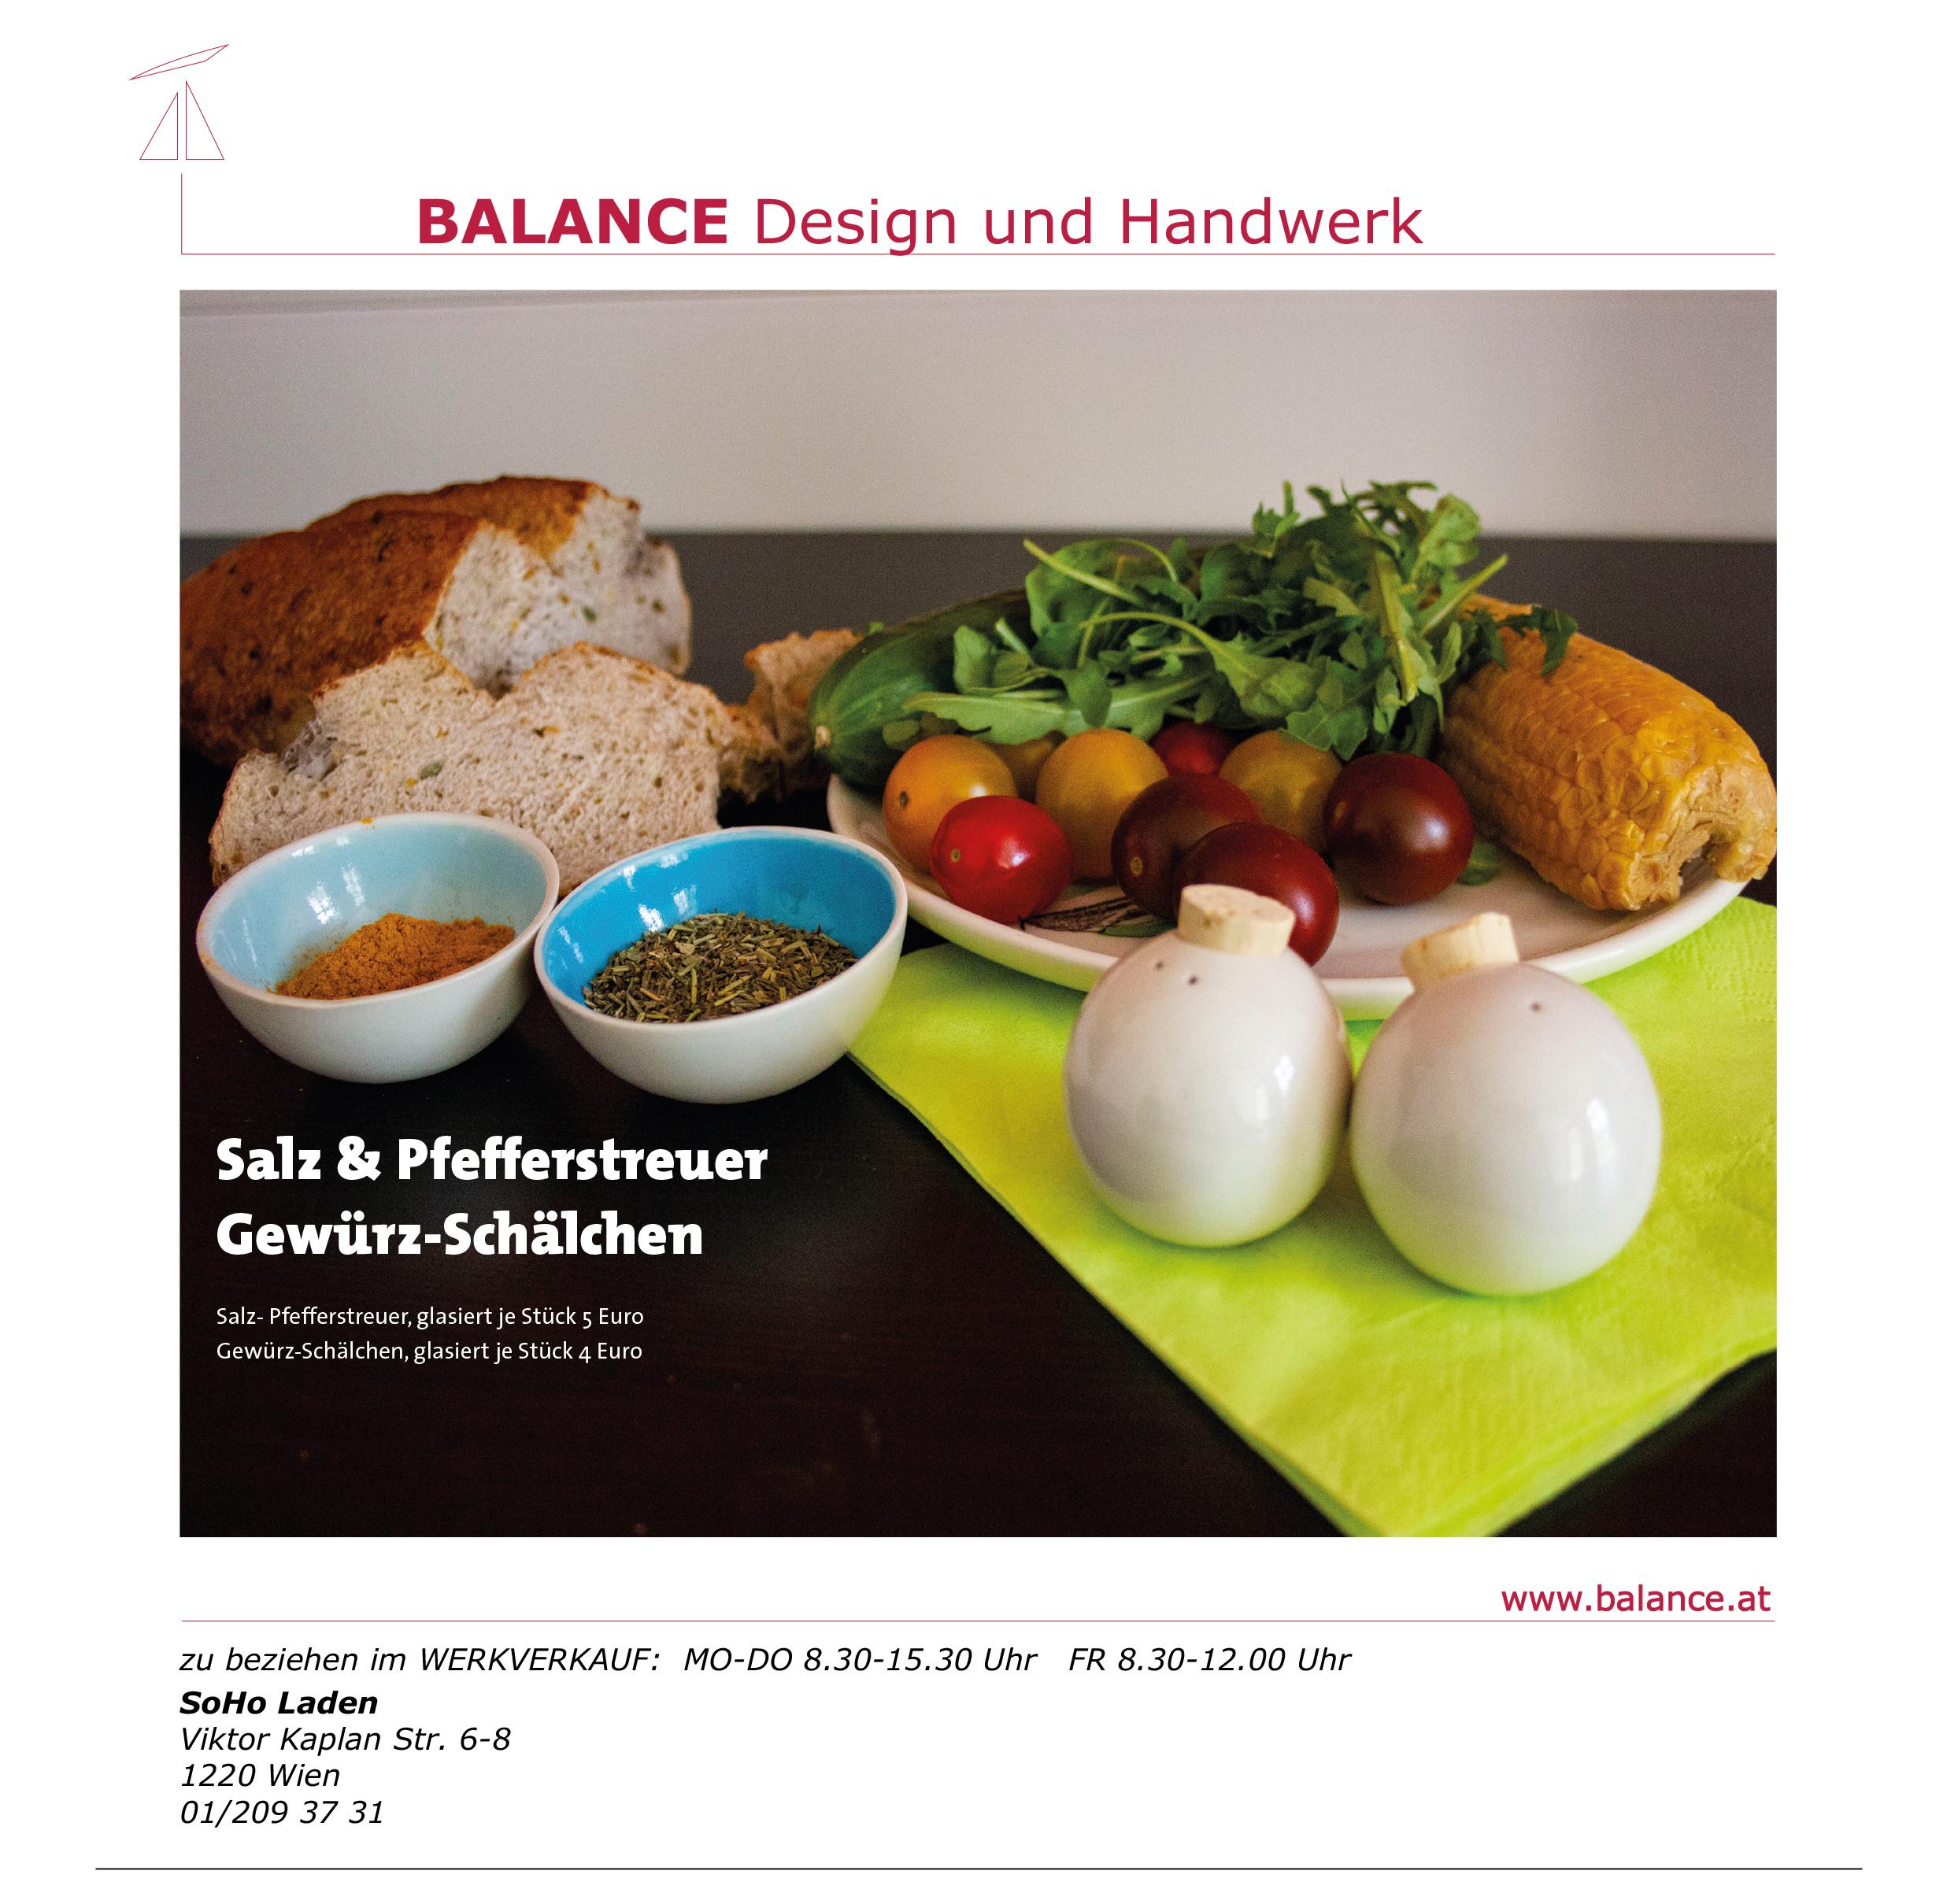 Salz & Pfefferstreuer mit Gewürz-Schälchen